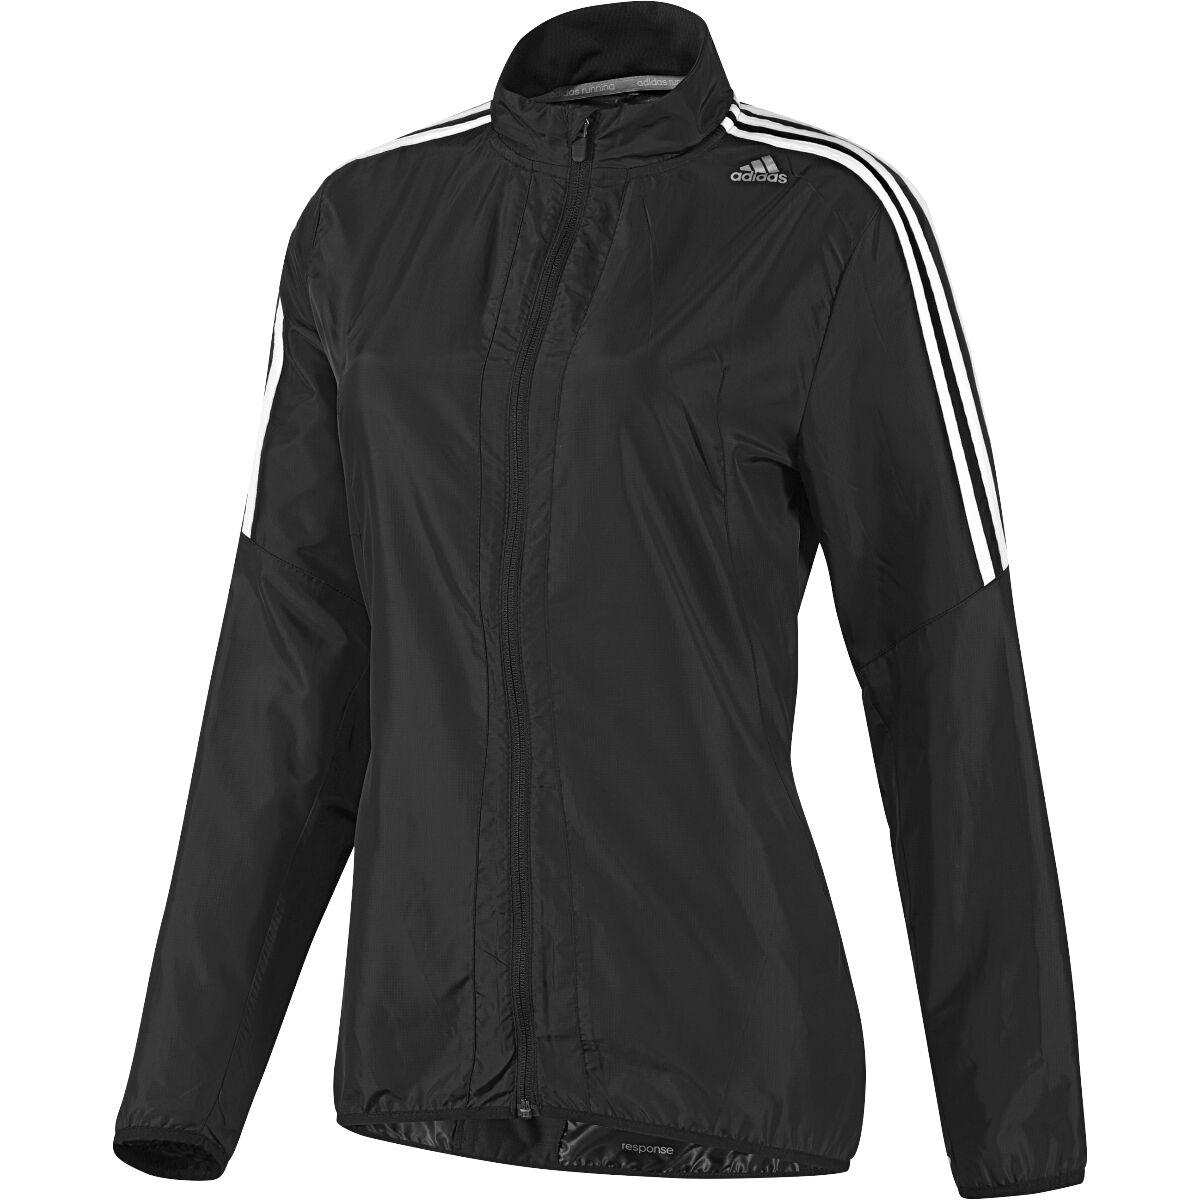 Haut de survêtement Adidas Response Running Wind Jacket pour femme - Noir